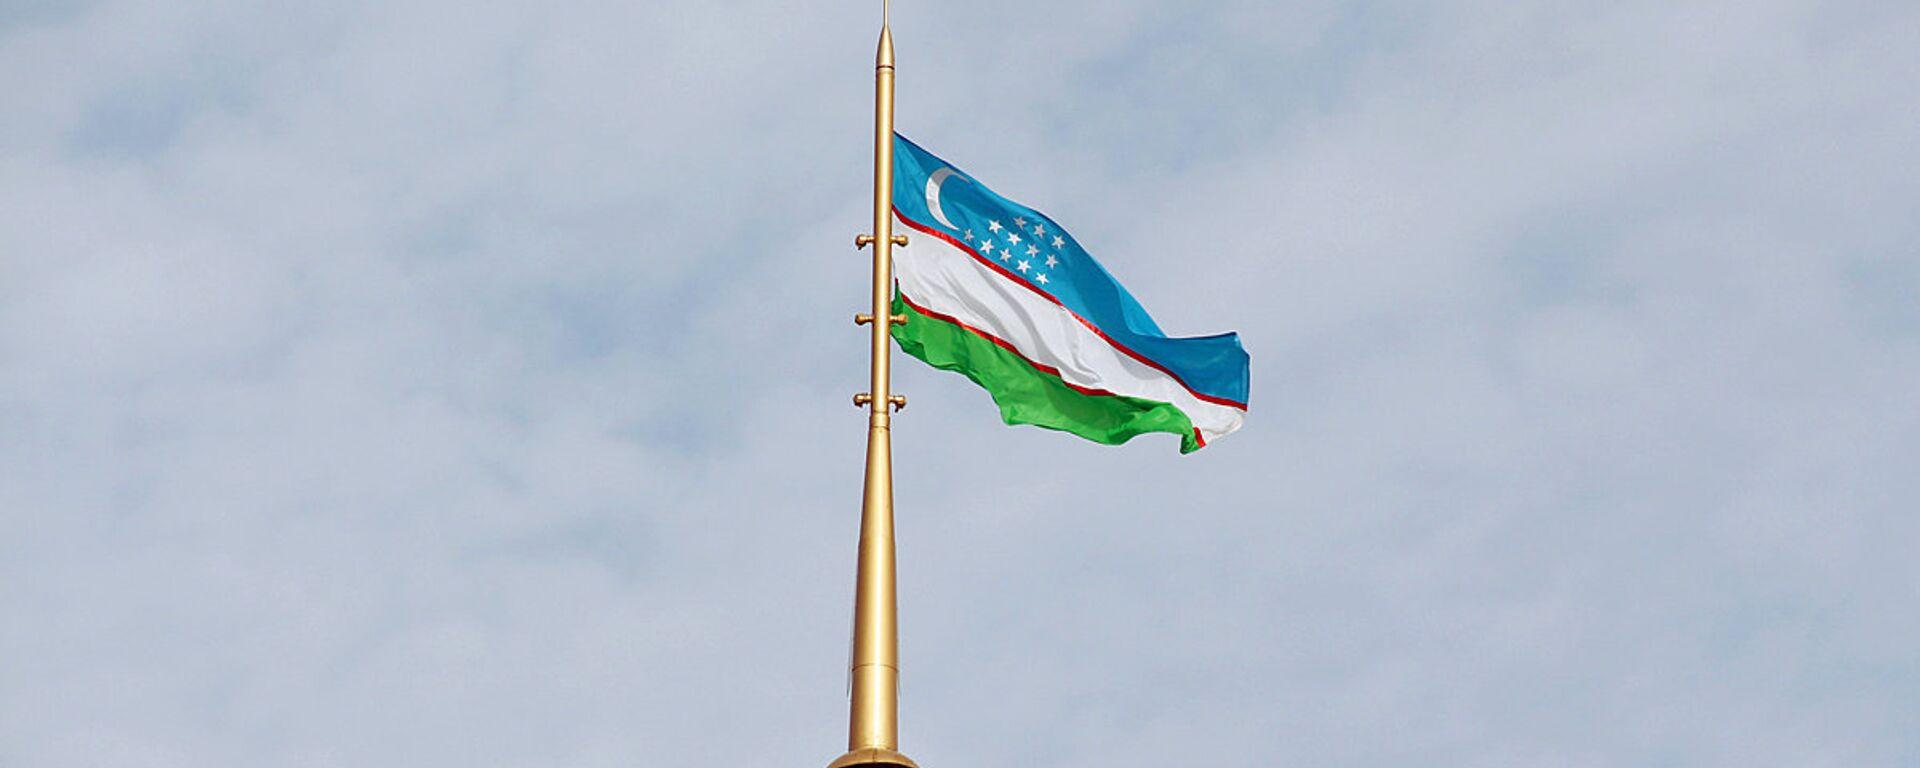 Флаг Узбекистана - Sputnik Узбекистан, 1920, 05.02.2021